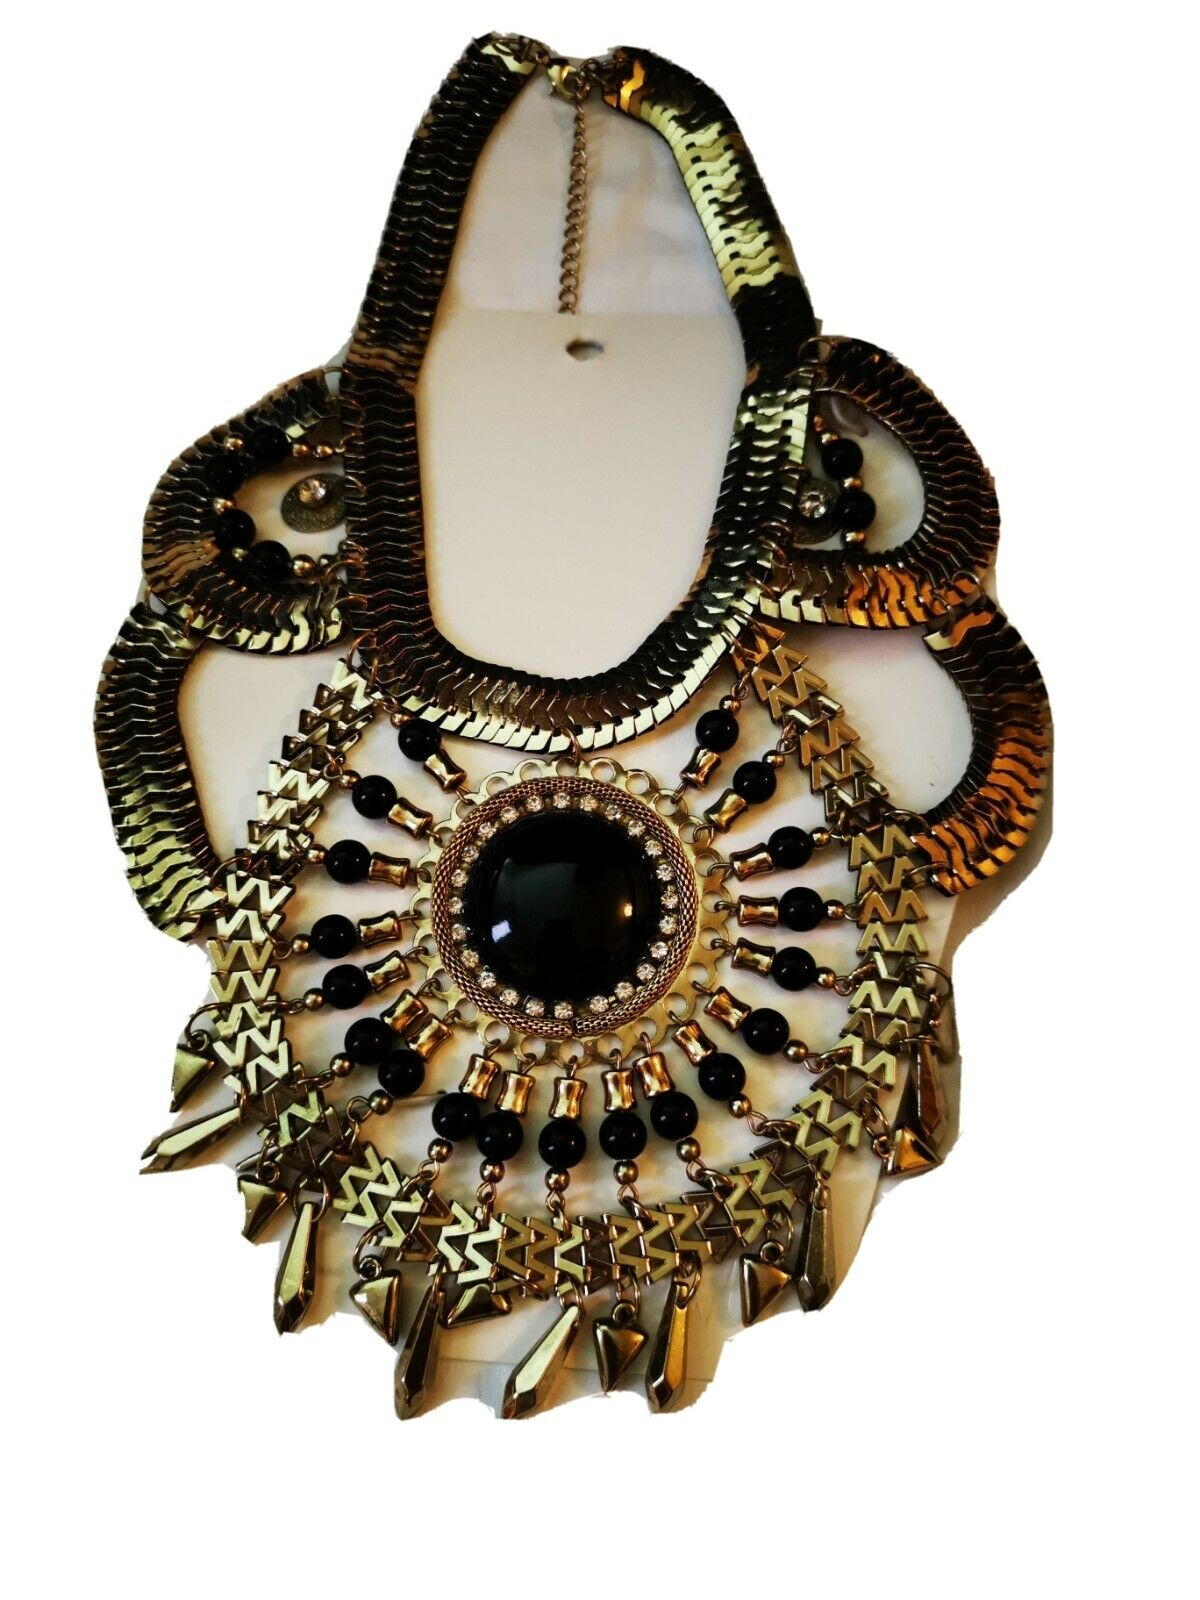 H&m necklace BNWT accessories Golden Color Black Fancy Party